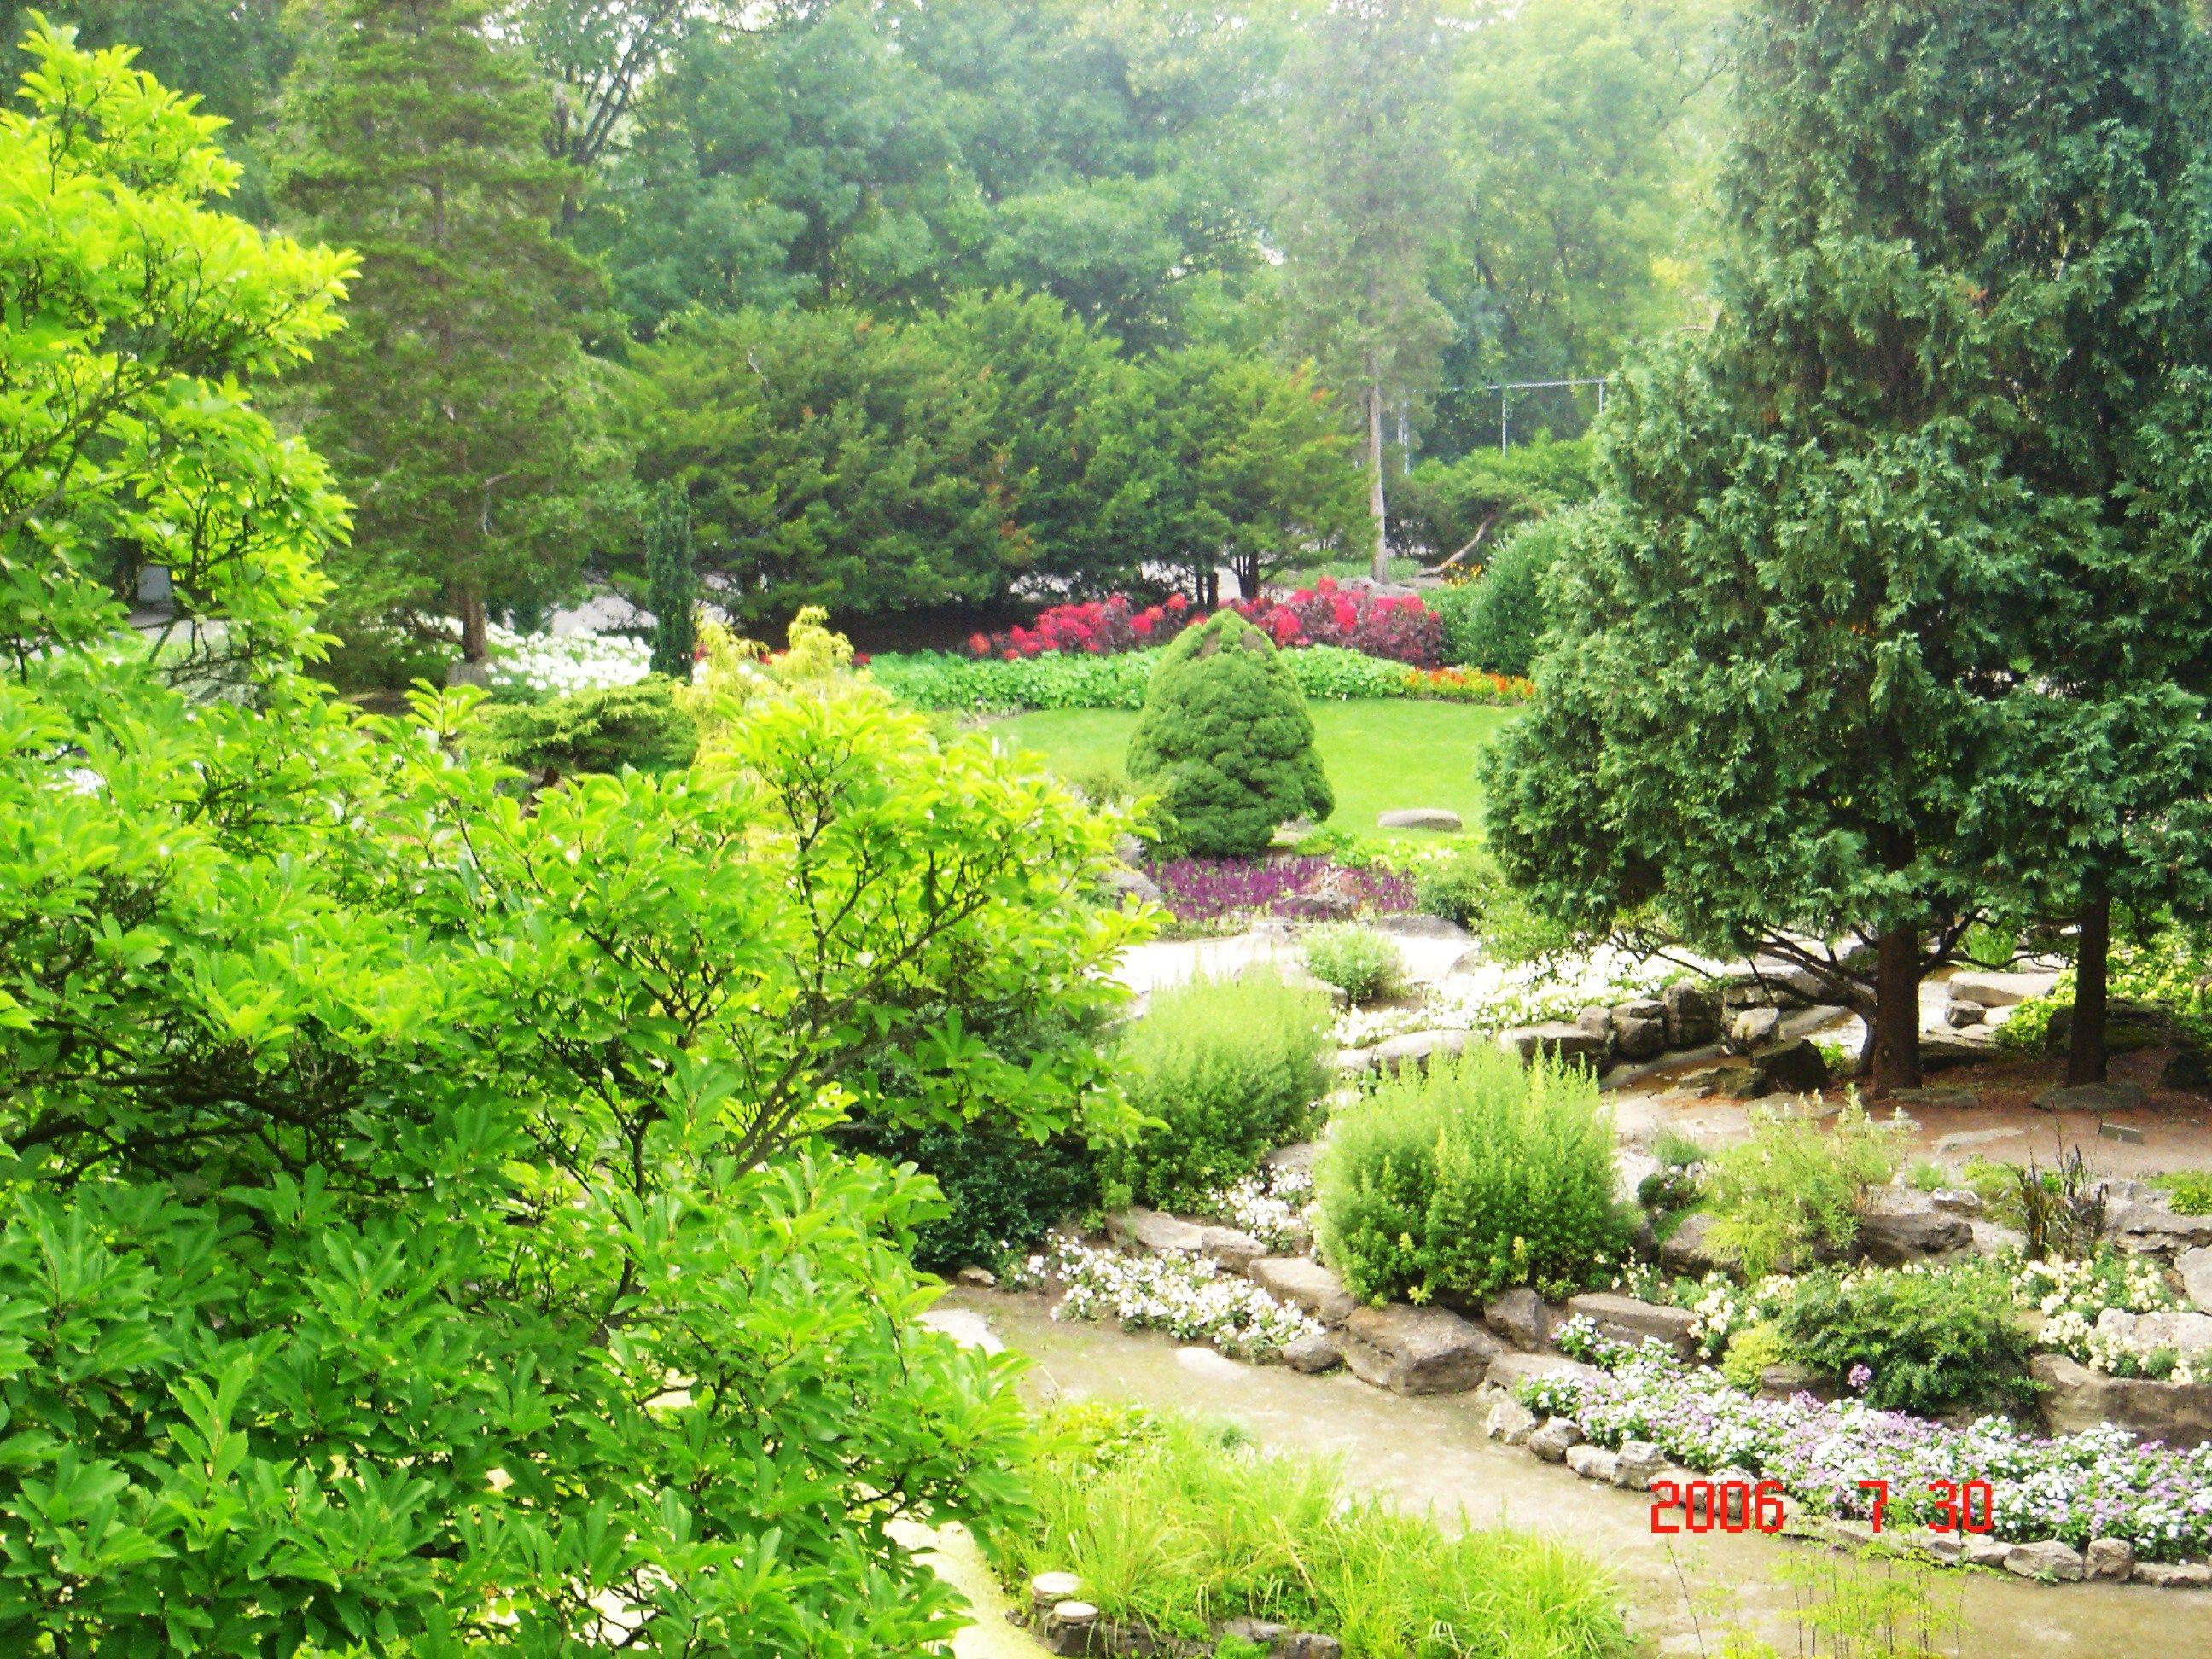 dc8f17108ac30760440840128cffe68a - Royal Botanical Gardens Hamilton Ontario Canada